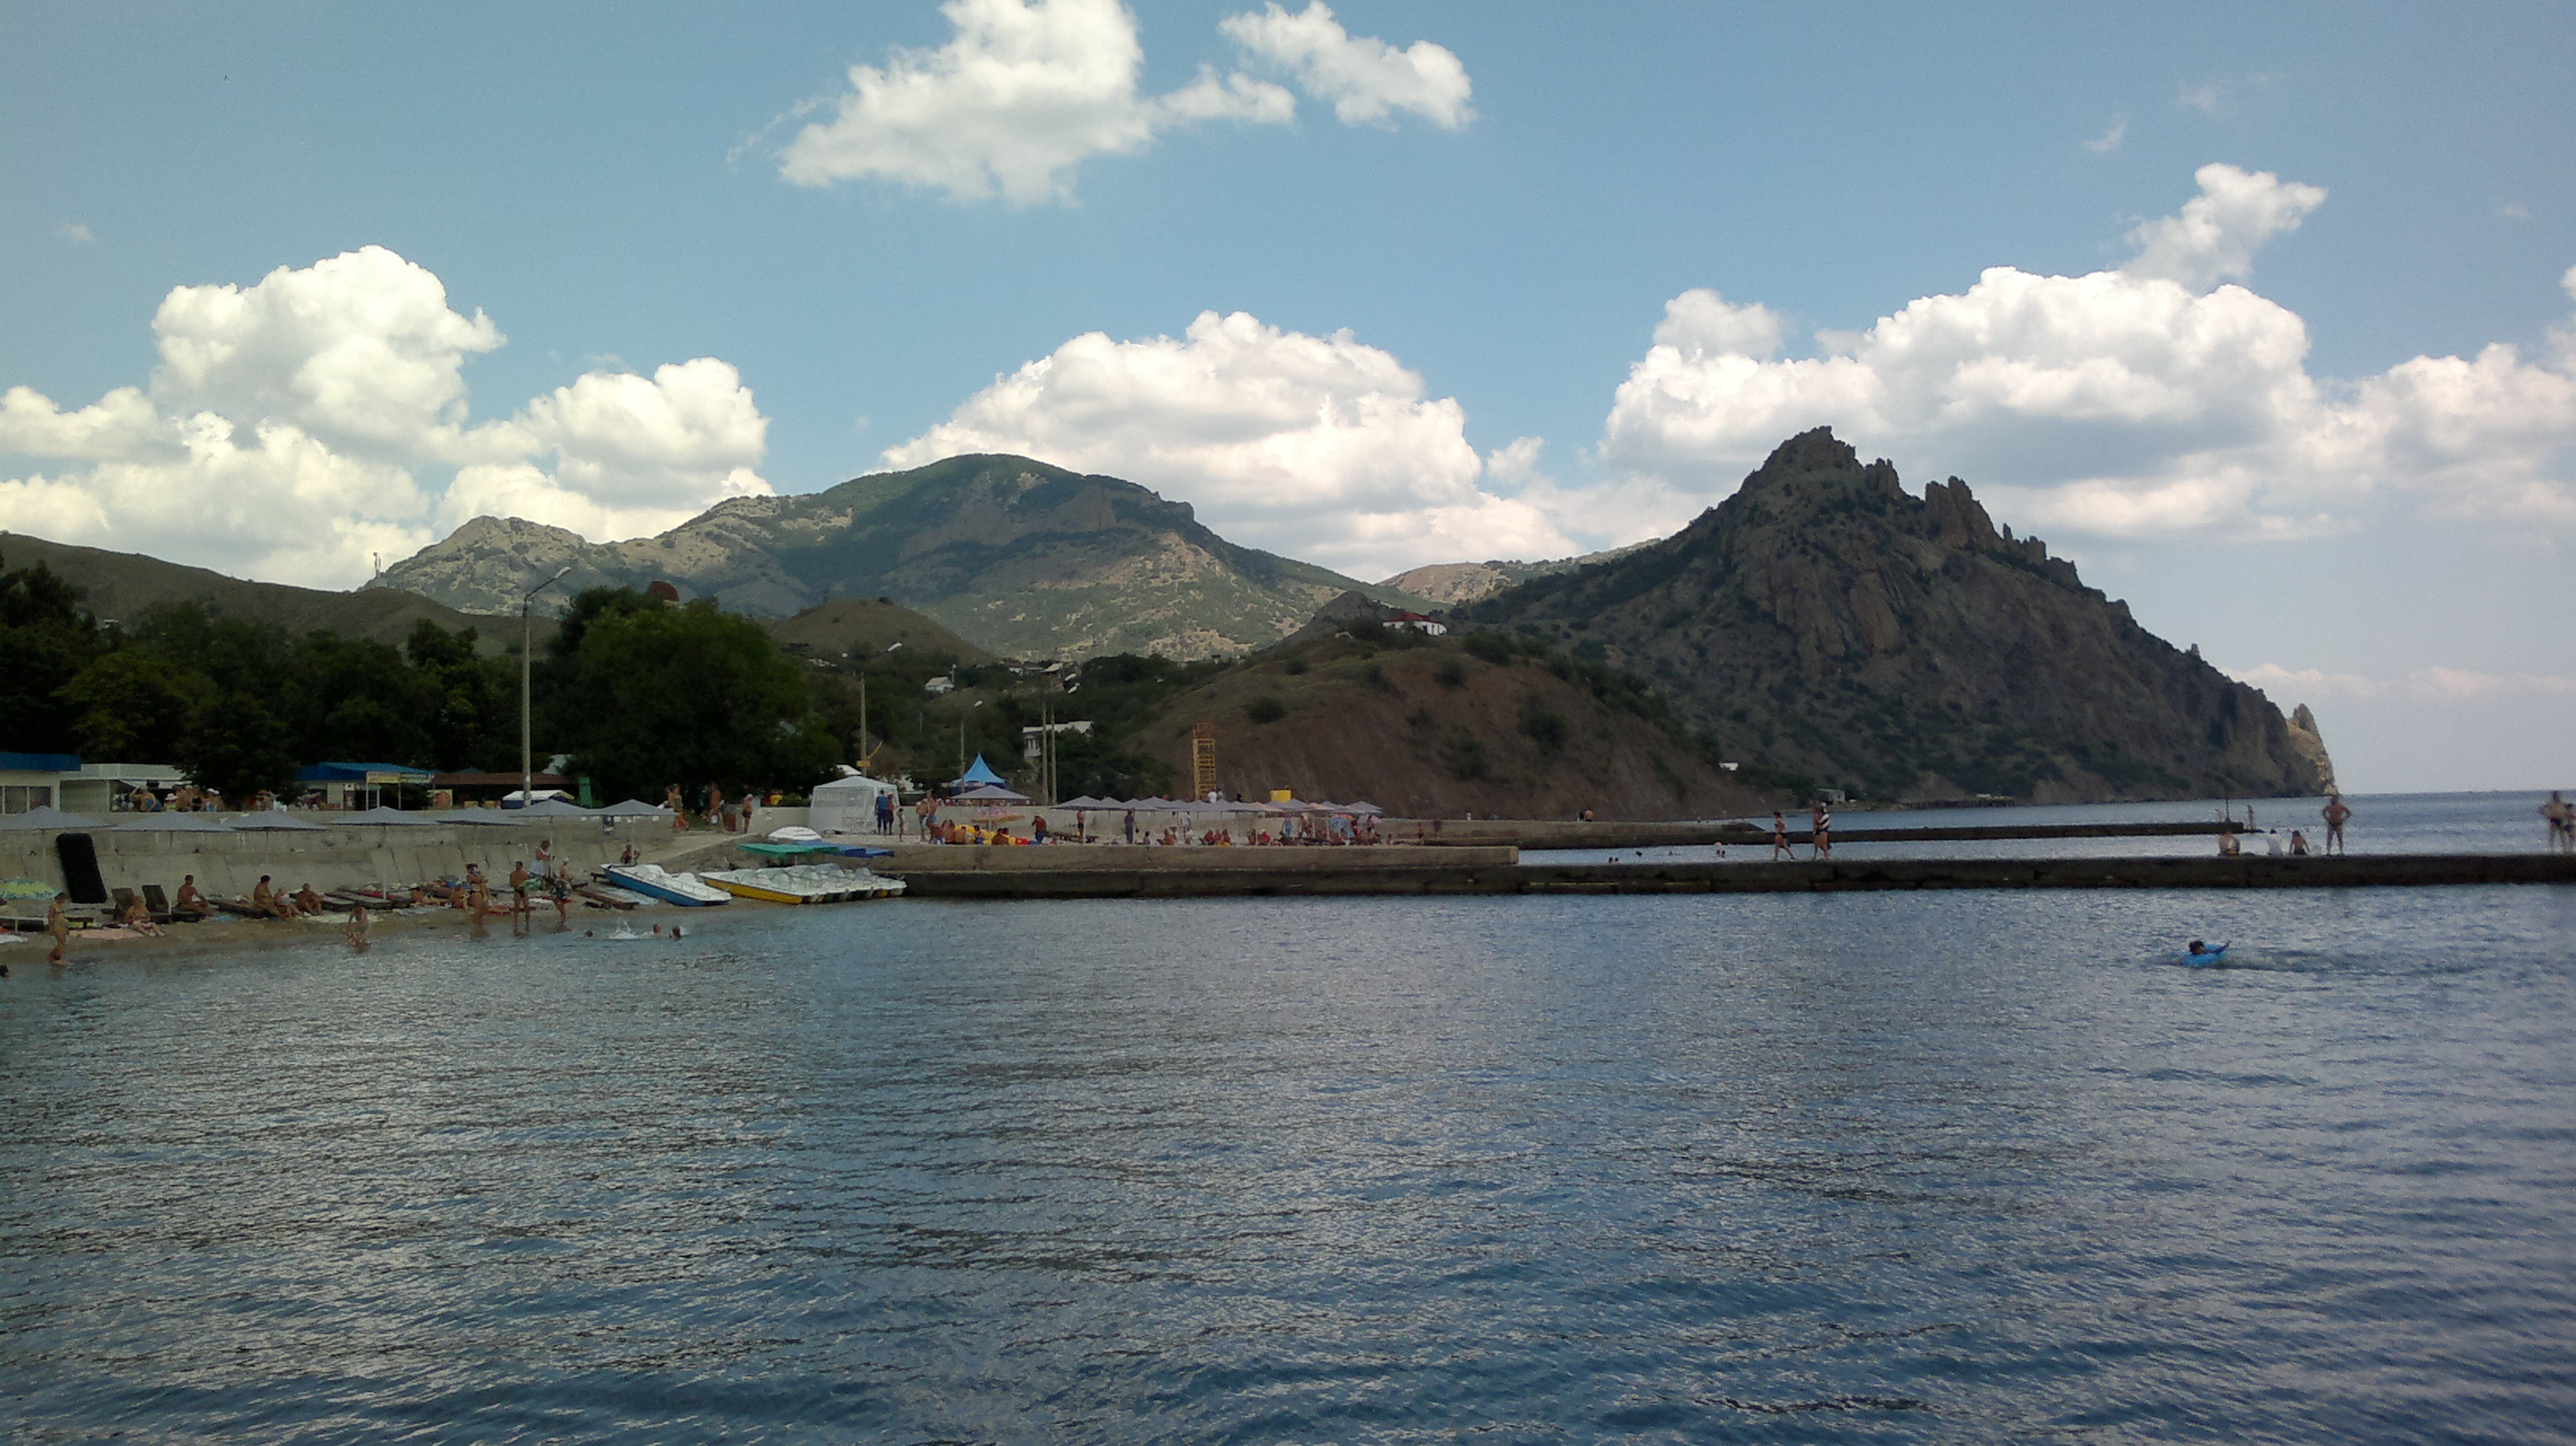 Крым поселок курортное фото поселка и пляжа